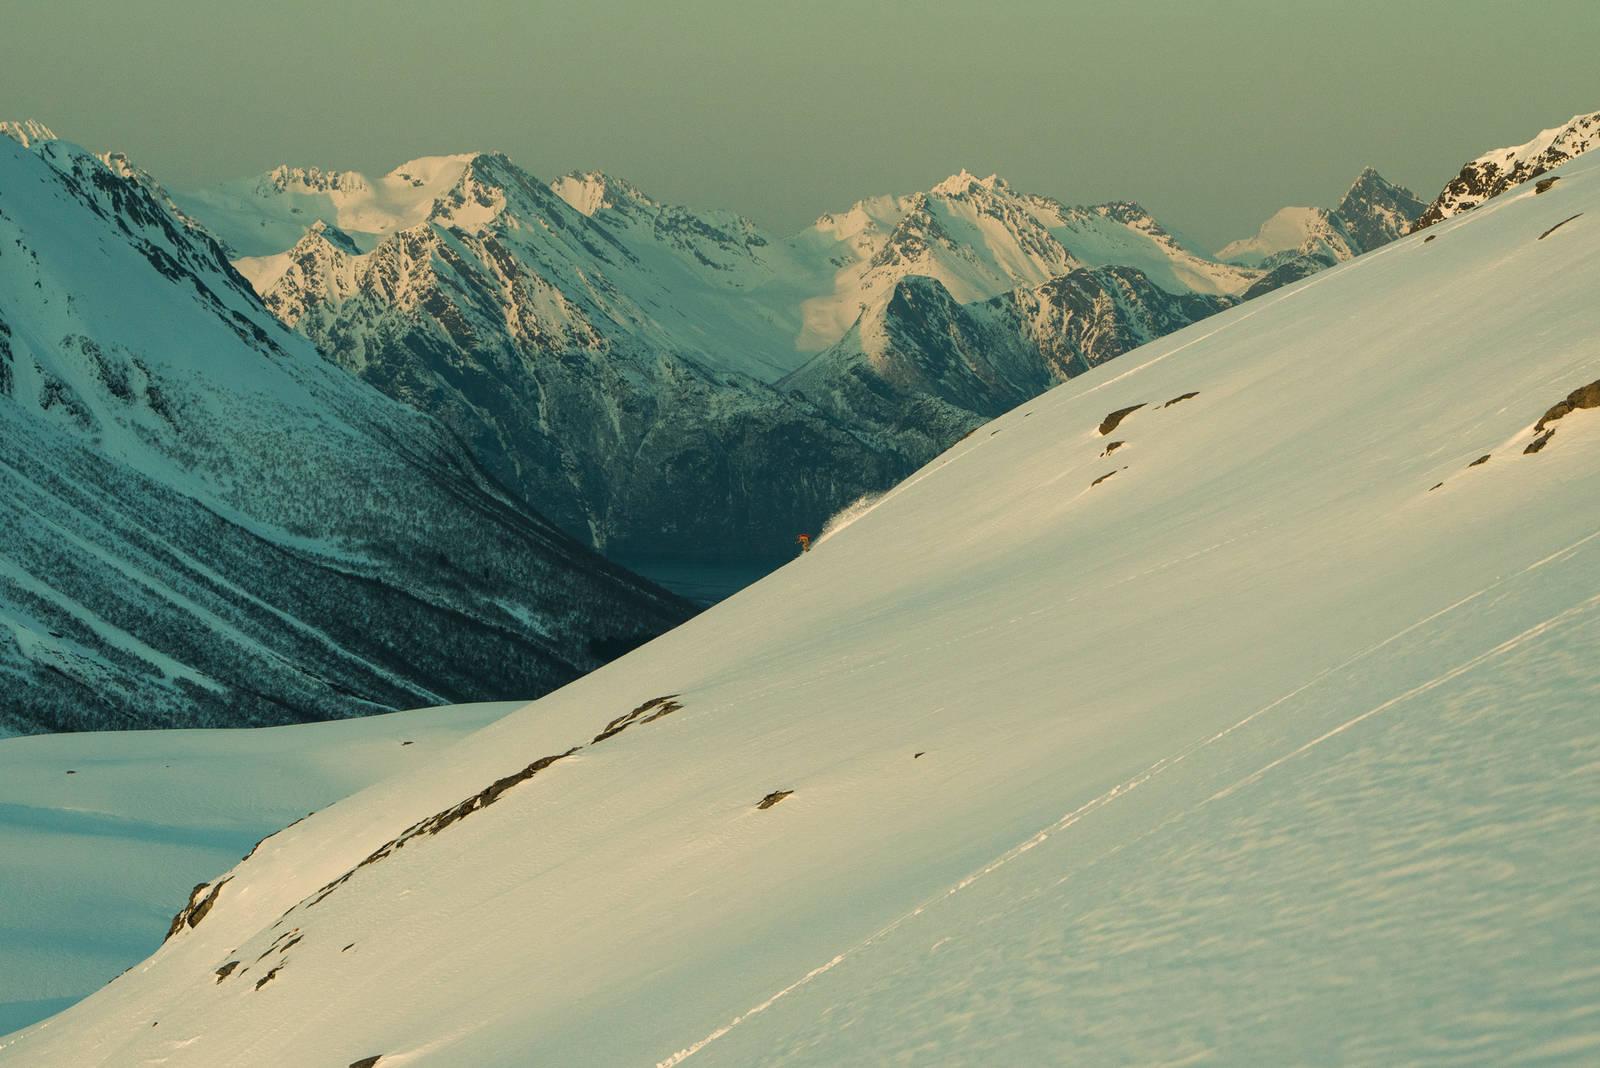 Det kommer en generasjon etter oss som også skal få lov til å oppleve vinteren som dette. Bilde: Christian Nerdrum